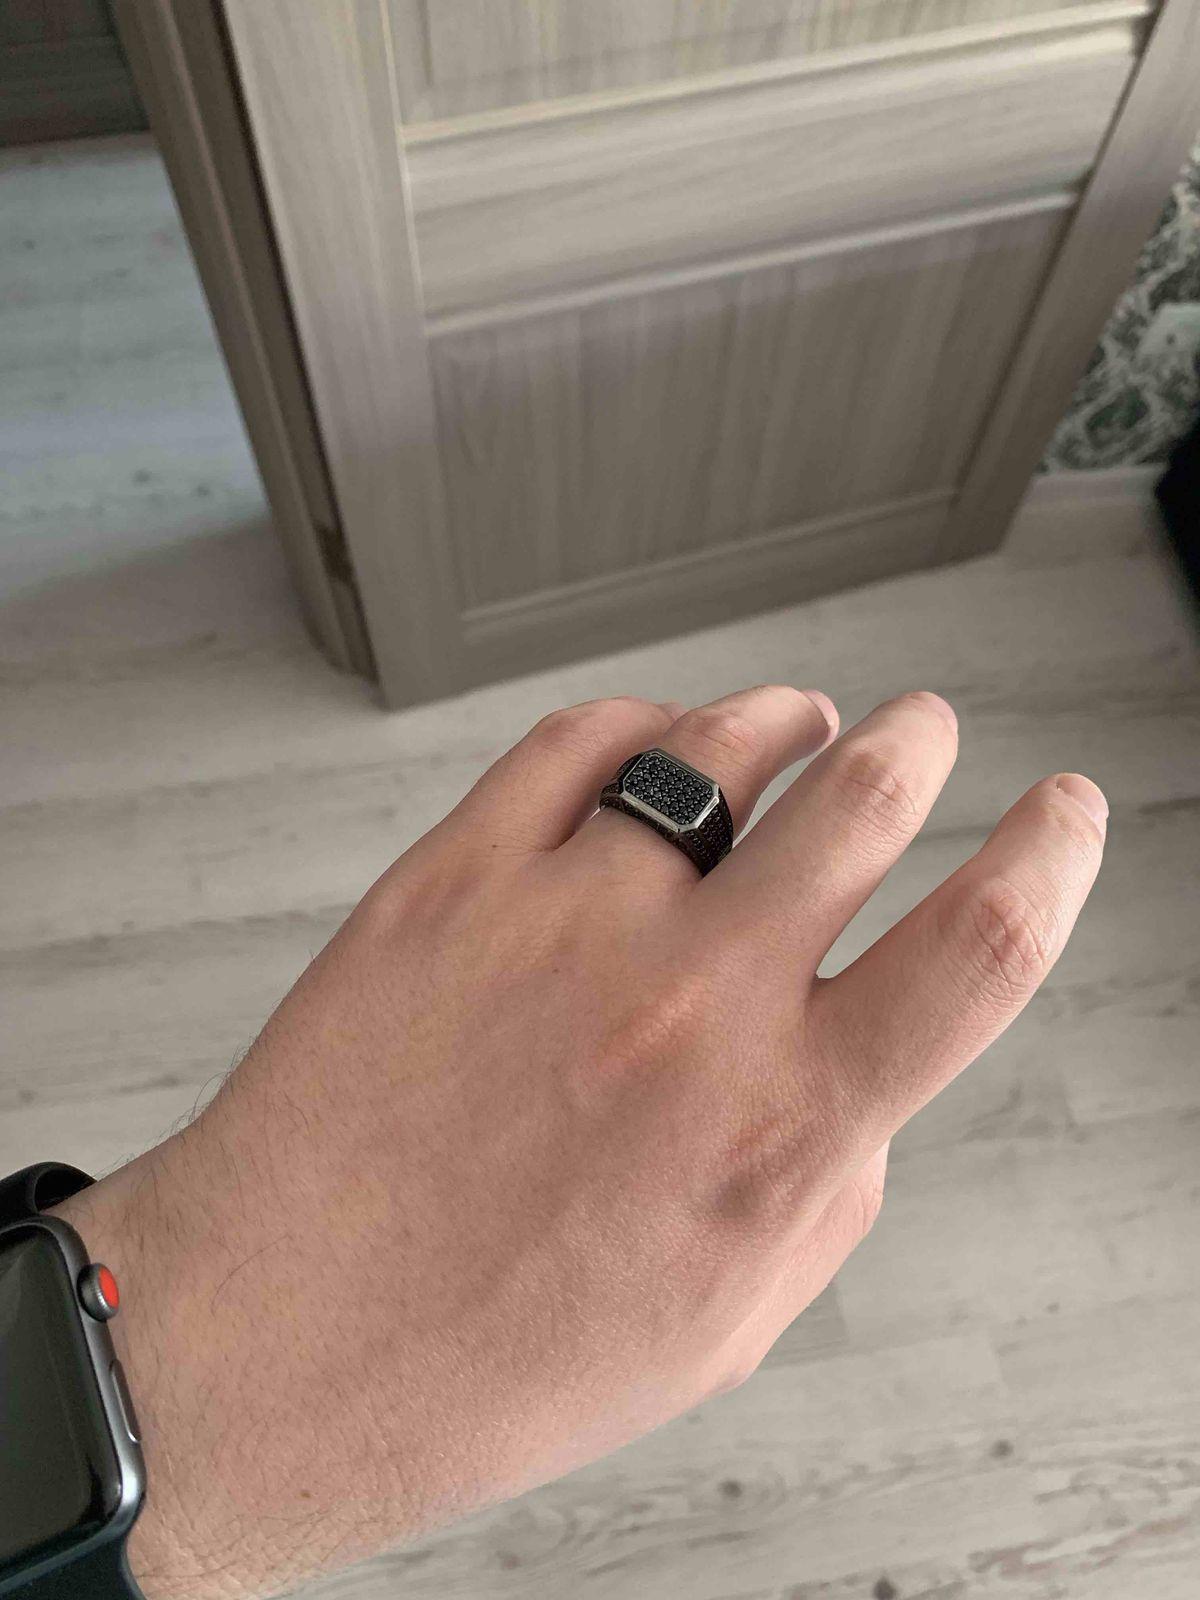 Кольцо интересное, достаточно громоздкое, тяжелое. блестит,яркое, большое.